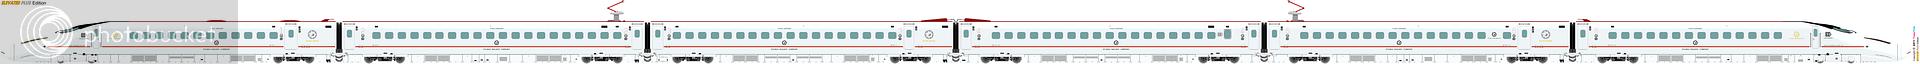 [5278] 九州旅客鉄道 2278